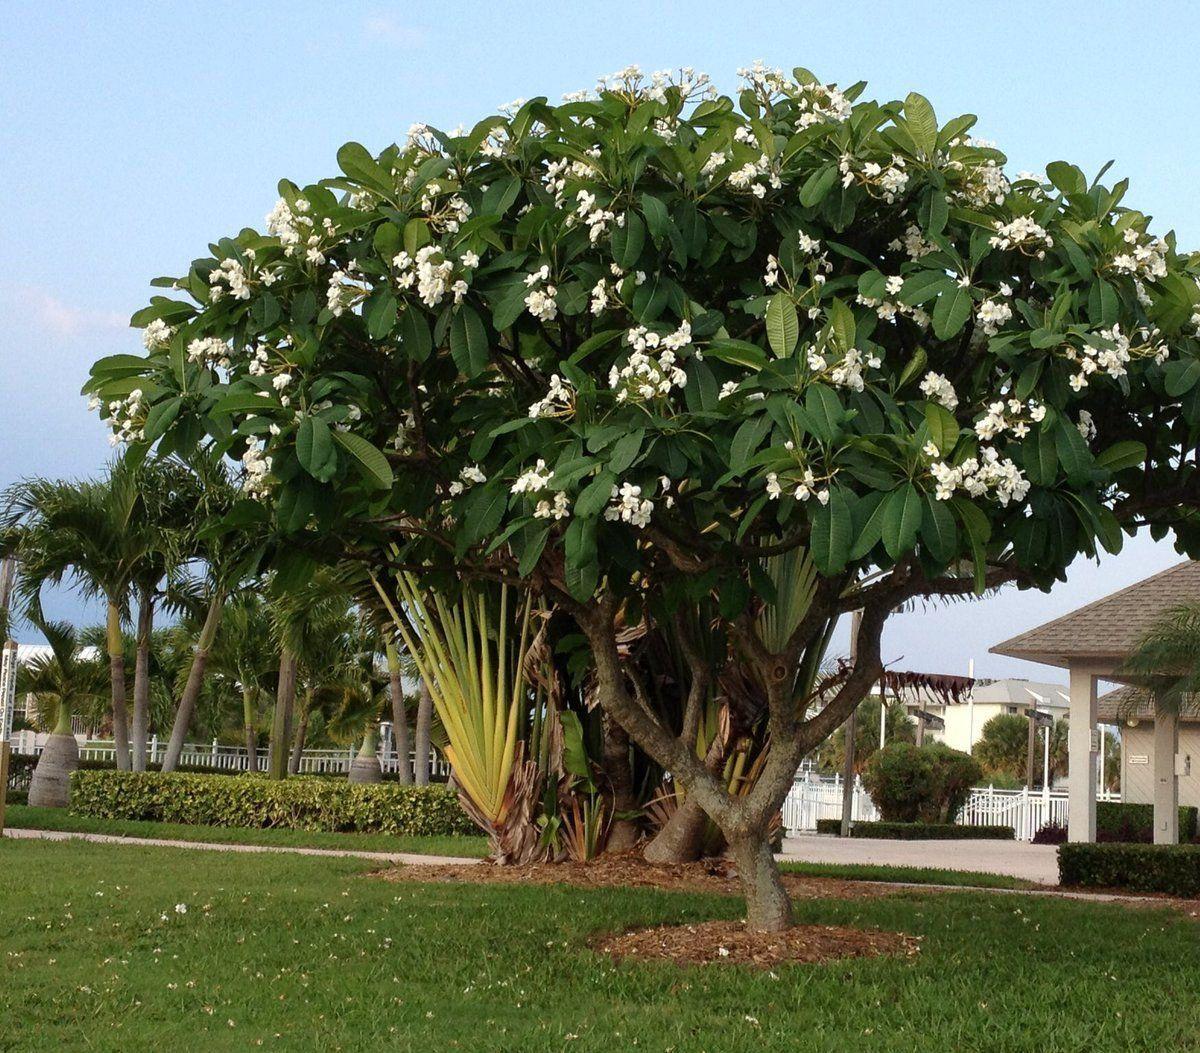 أشجار مزهرة مع الشمس الحارقة دورانتا تجي منها الوان سيسلبينيا وتسمى زهرة الطاؤوس جاتروفا هابيسكس الجهنمية أشجا In 2021 Frangipani Big Garden Ornamental Trees